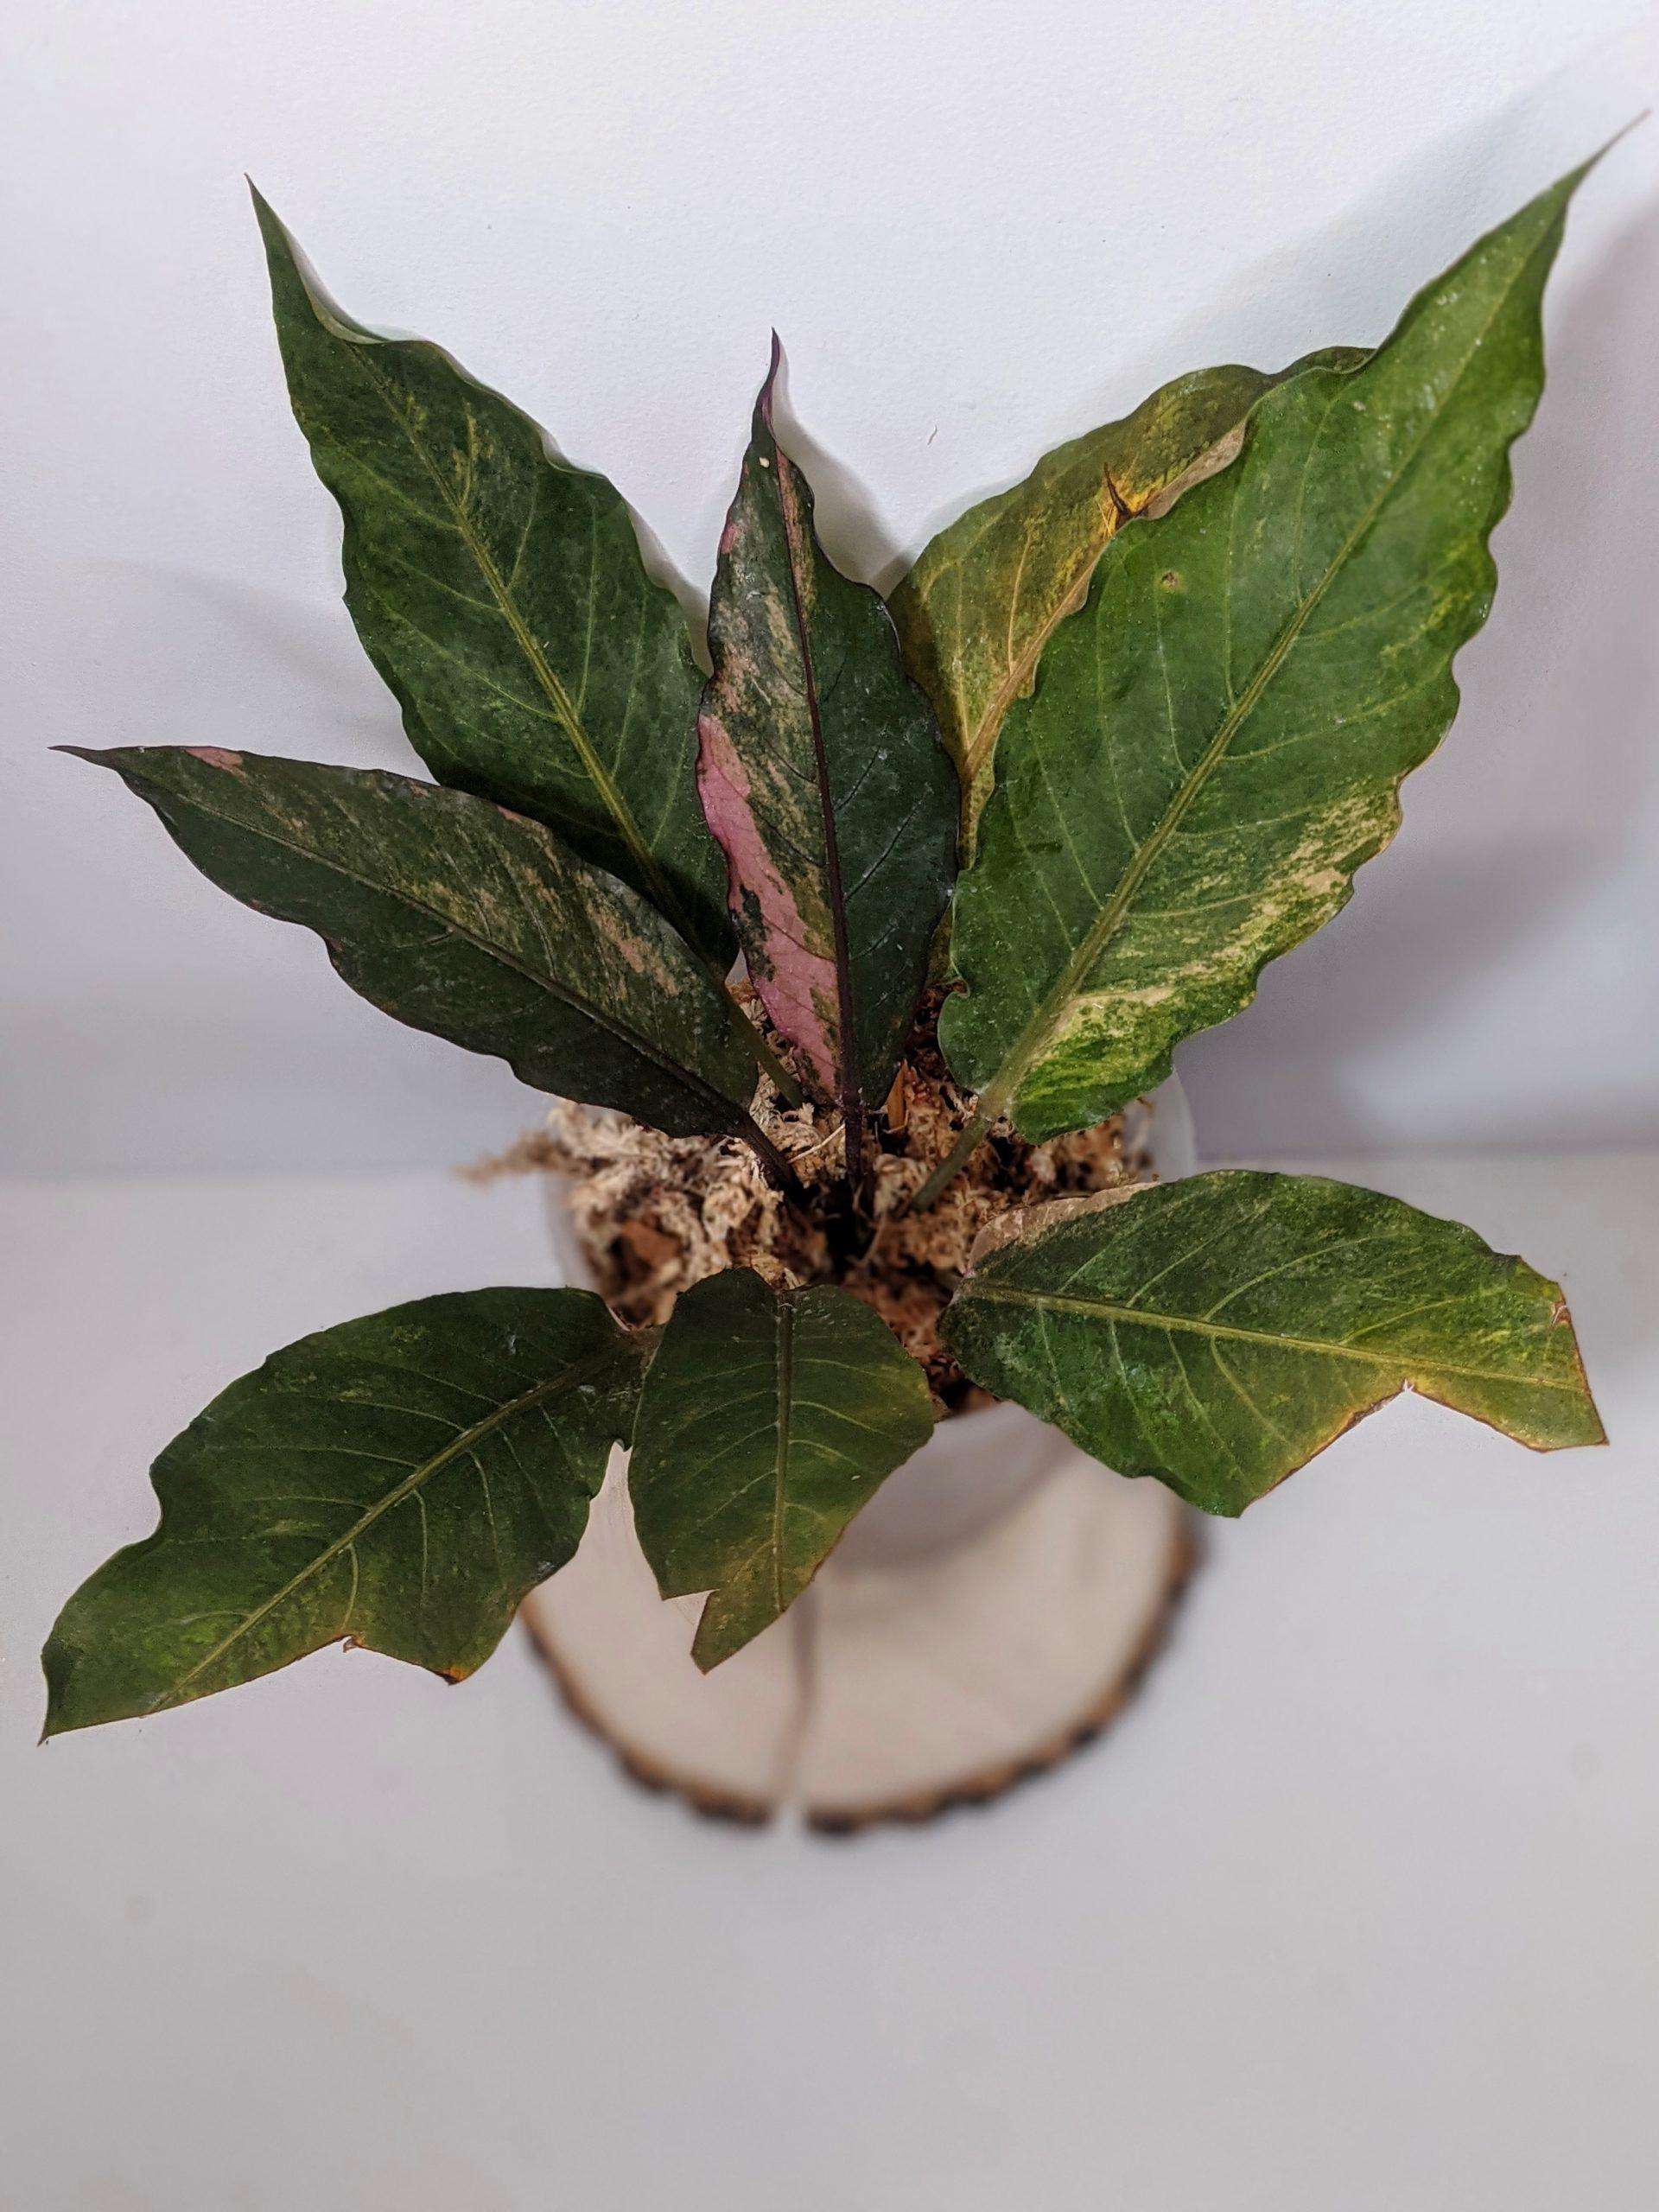 VariegatedAnthurium hookeri (Variegated Birdsnest Anthurium)